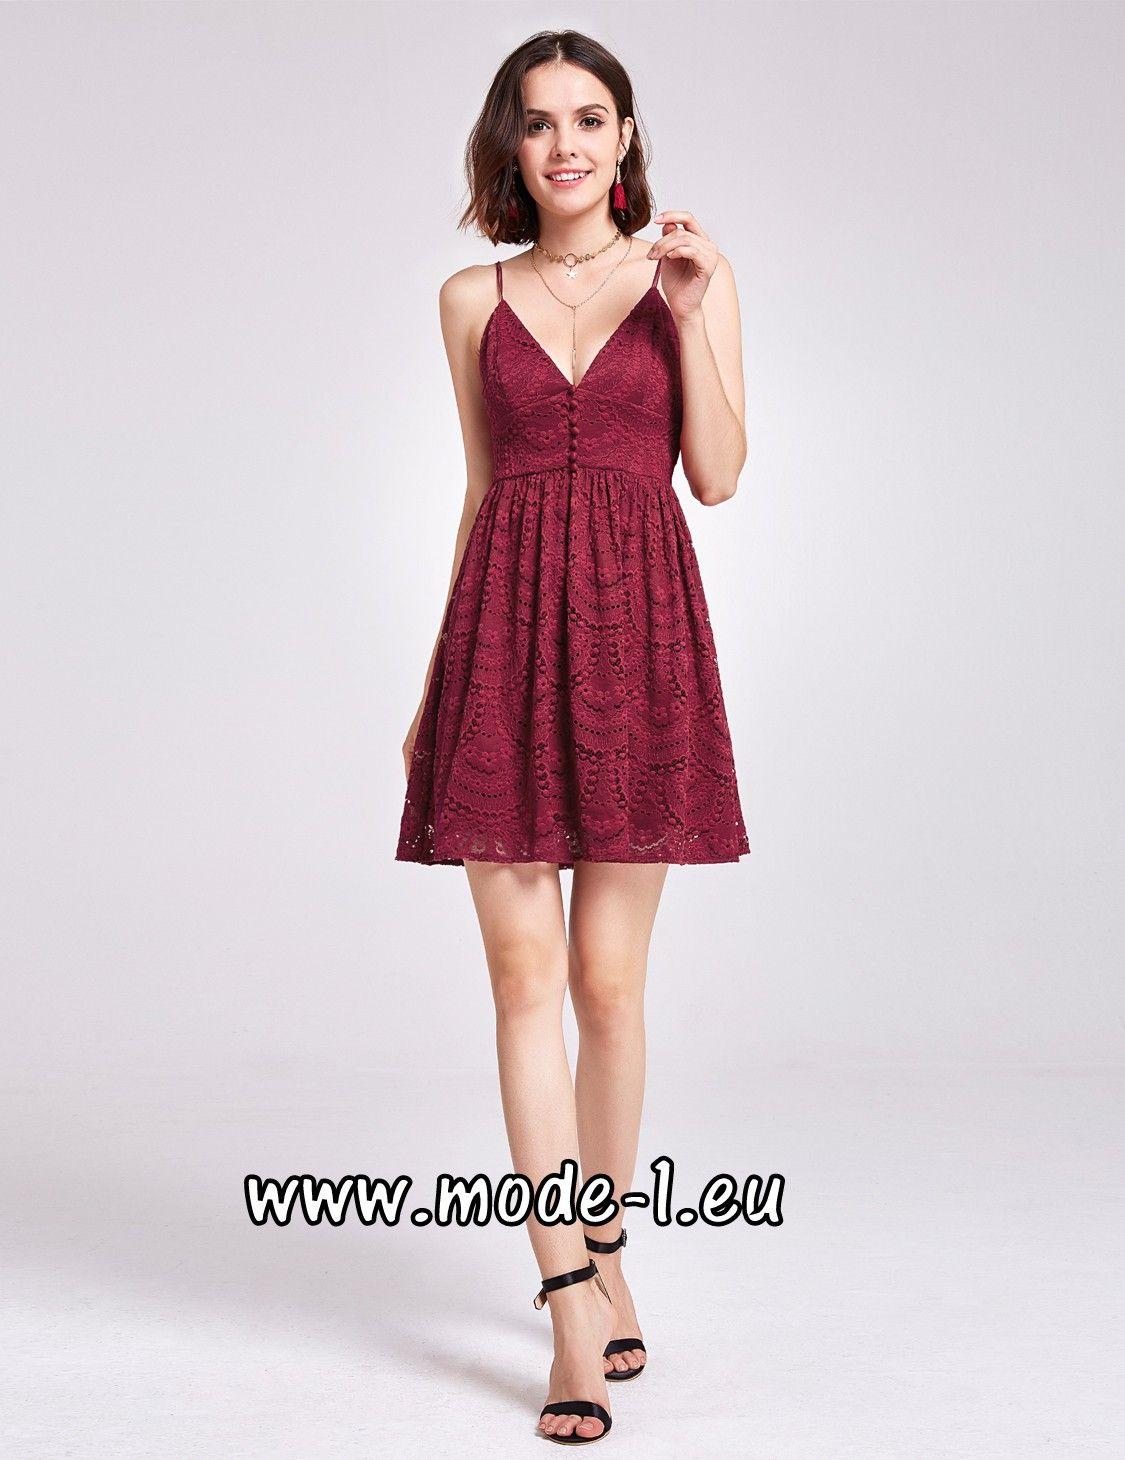 Babydoll Kleid mit Spaghetti Träger in Dunkel Rot | Rote Kleider ...